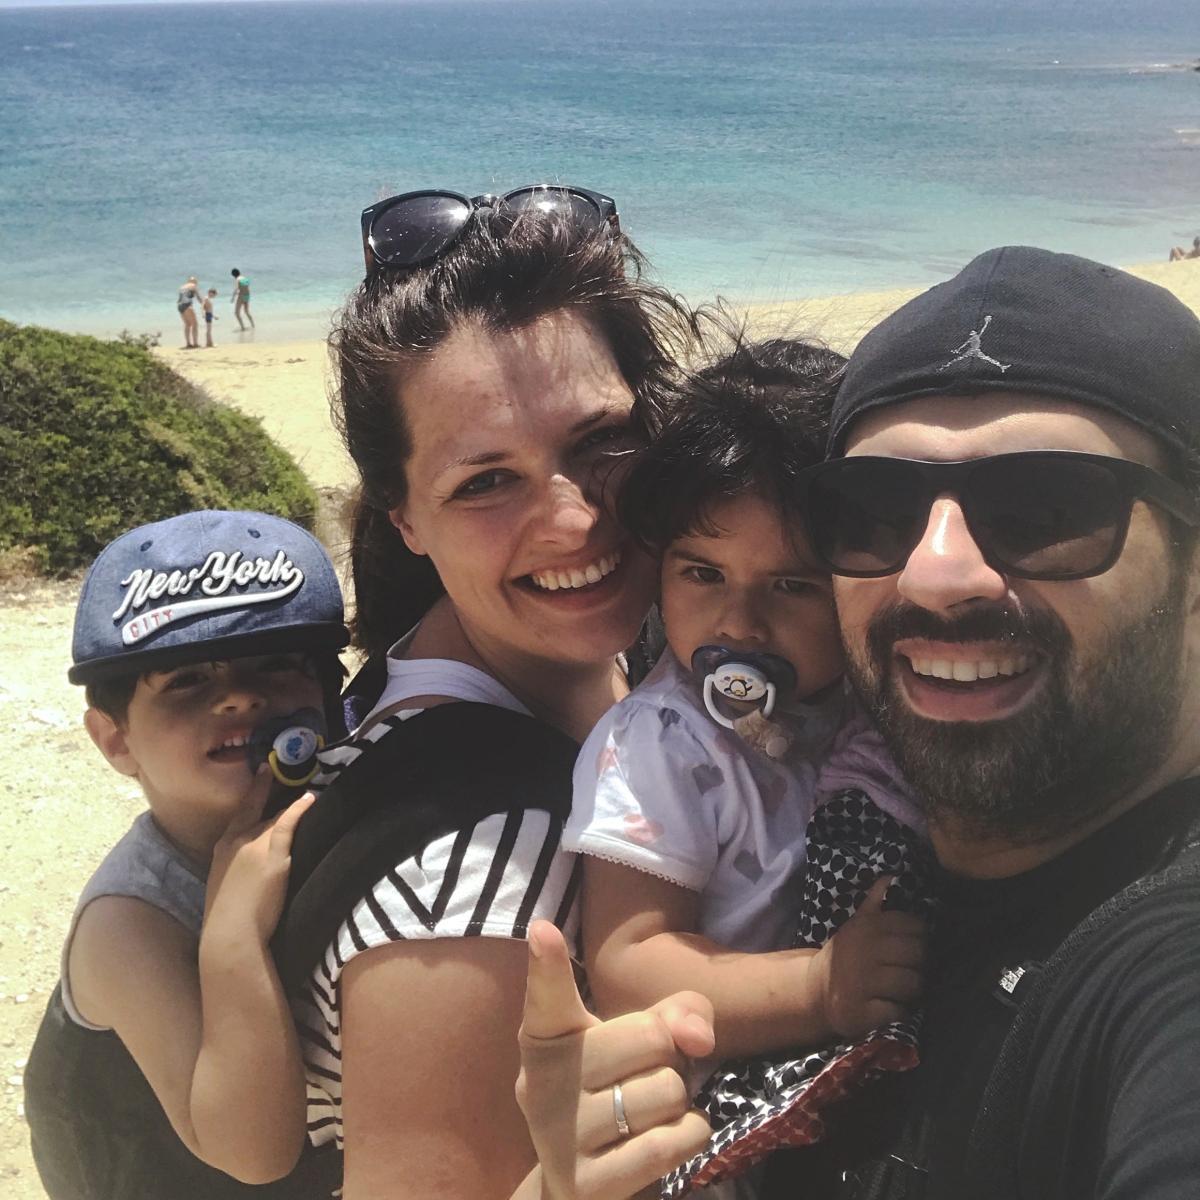 Erholung im Sommerurlaub trotz Kleinkinder